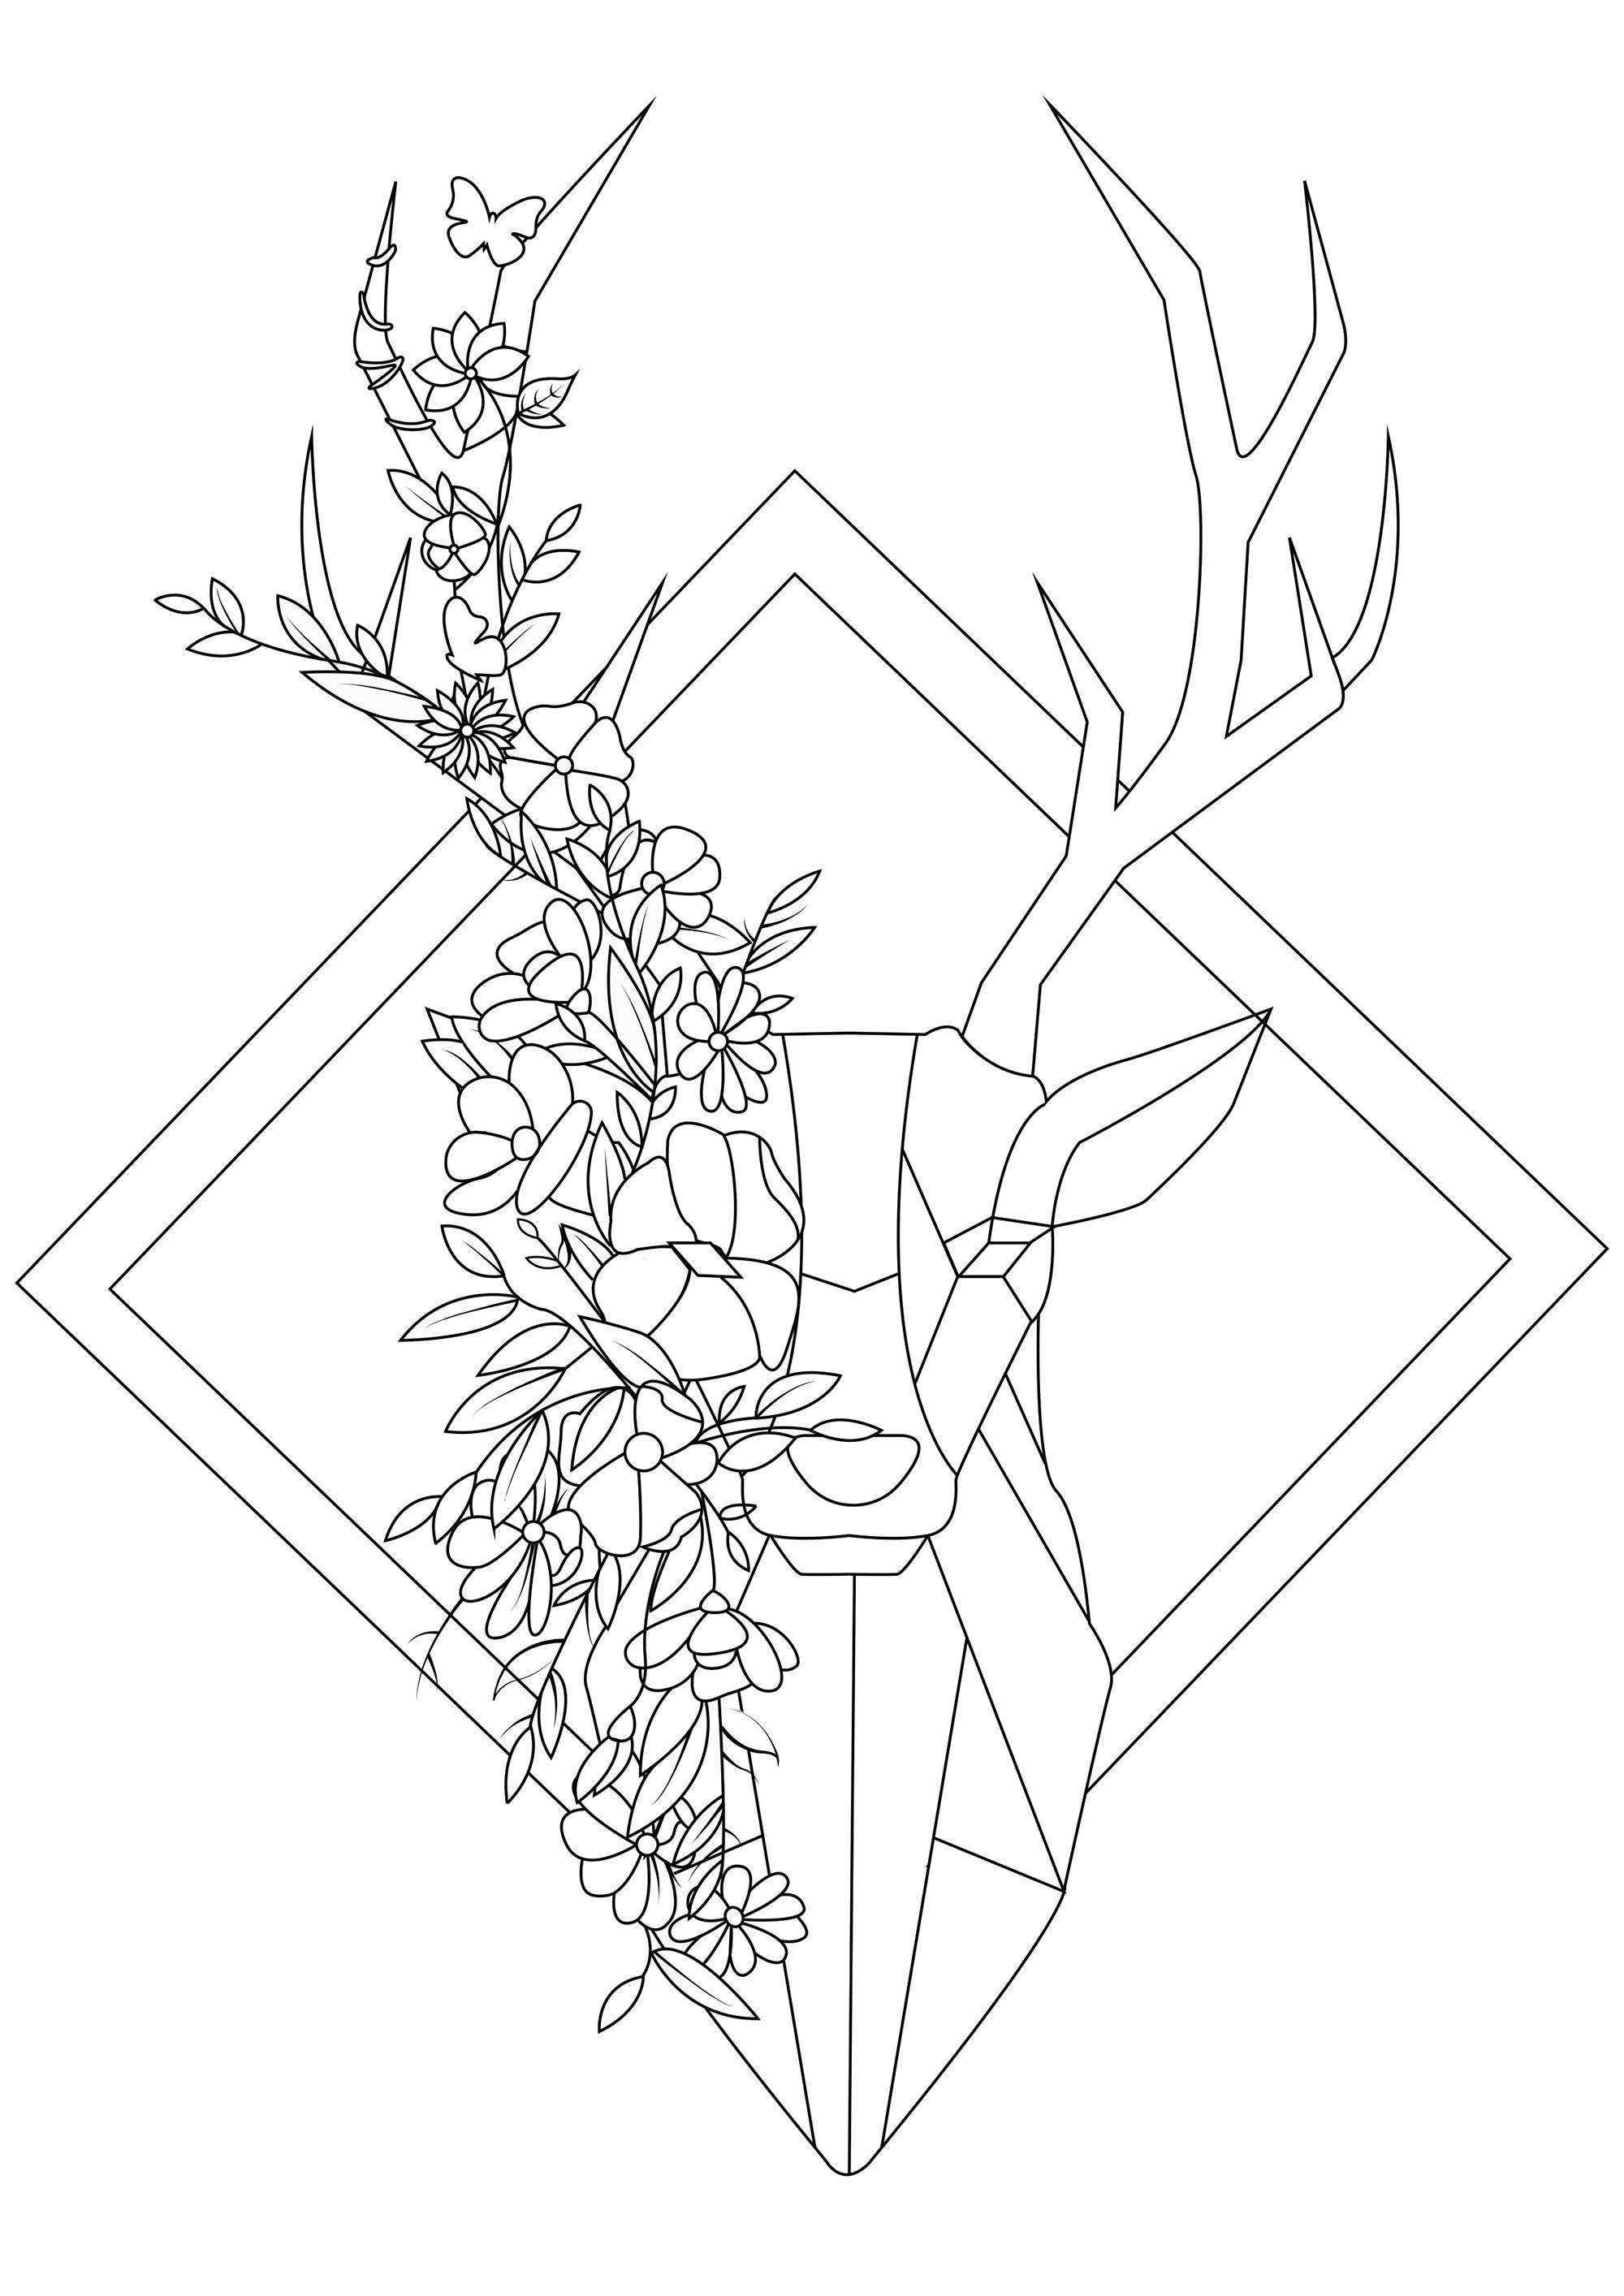 Ce coloriage géométrique inspiré du style origami va être un réel plaisir à colorier